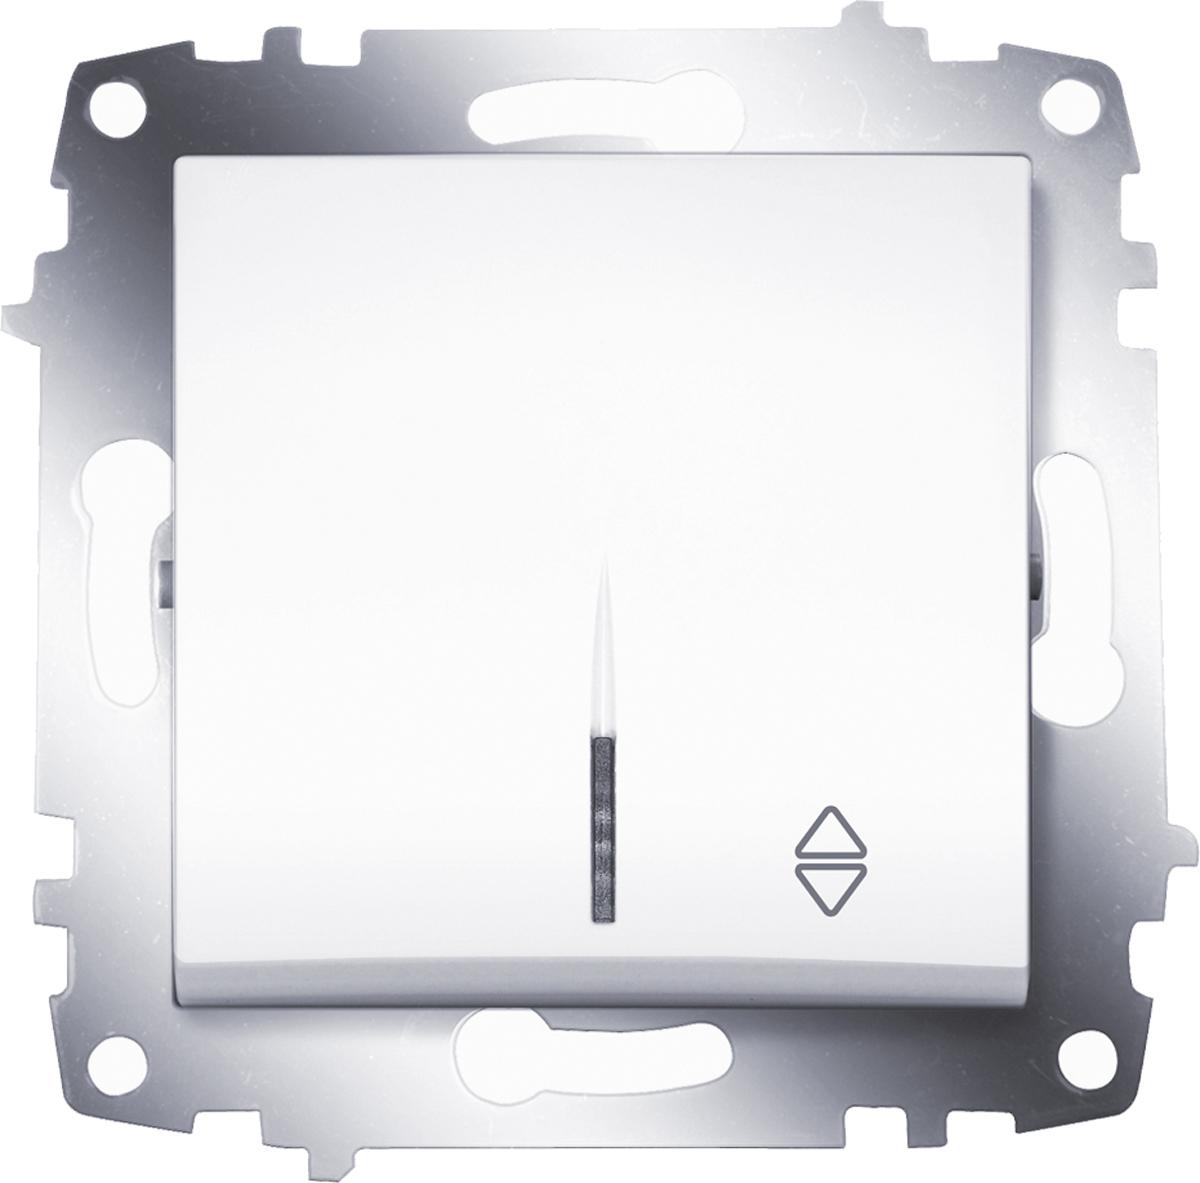 Переключатель ABB Cosmo, одноклавишный, схема 6, с подсветкой, цвет: белый цена